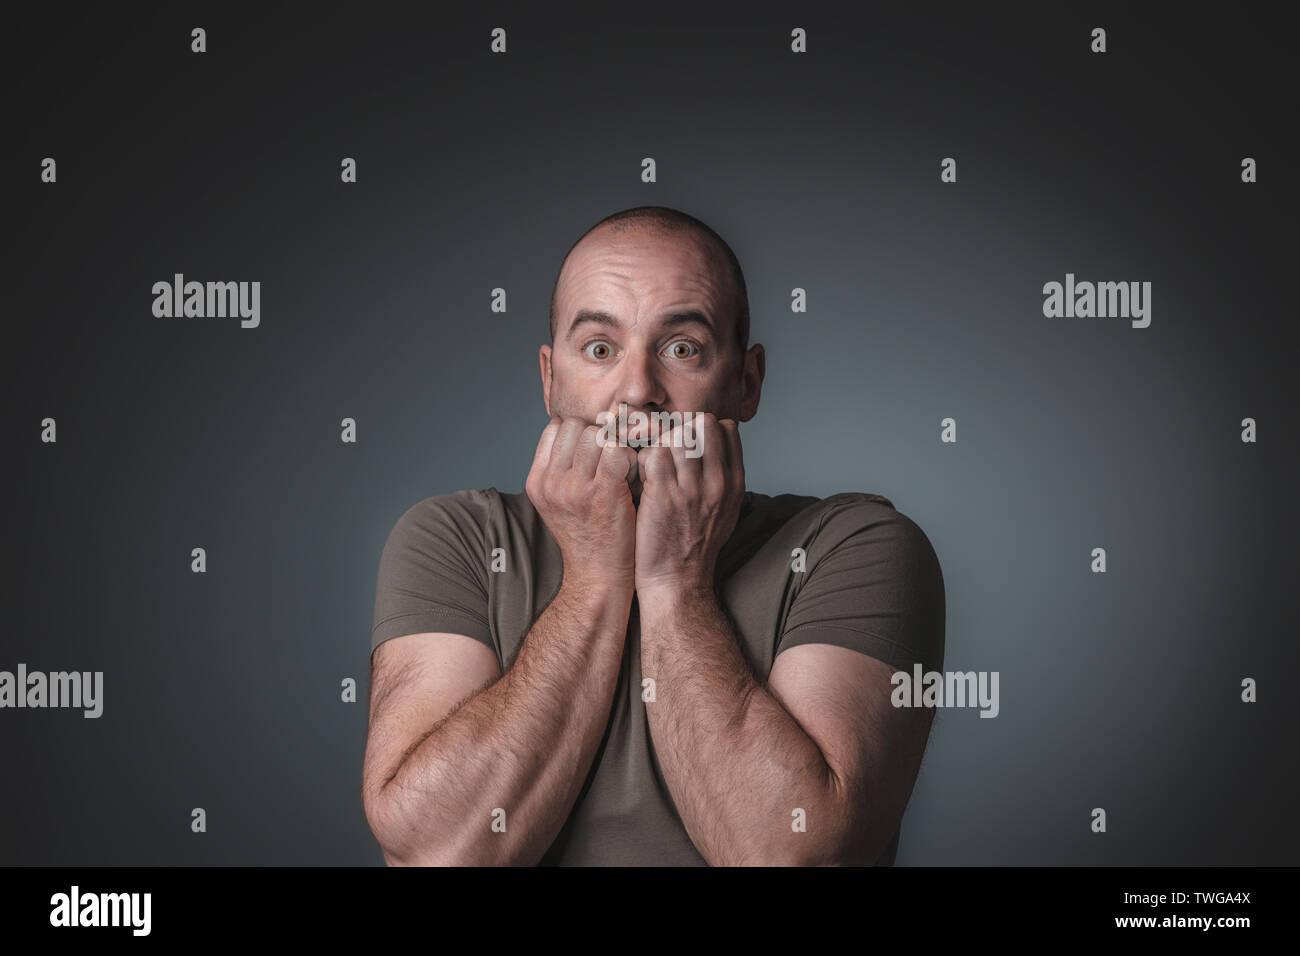 Portrait der kaukasischen Mann mit Angst Ausdruck seine Hände in seinem Gesicht, Studio gedreht. Stockbild